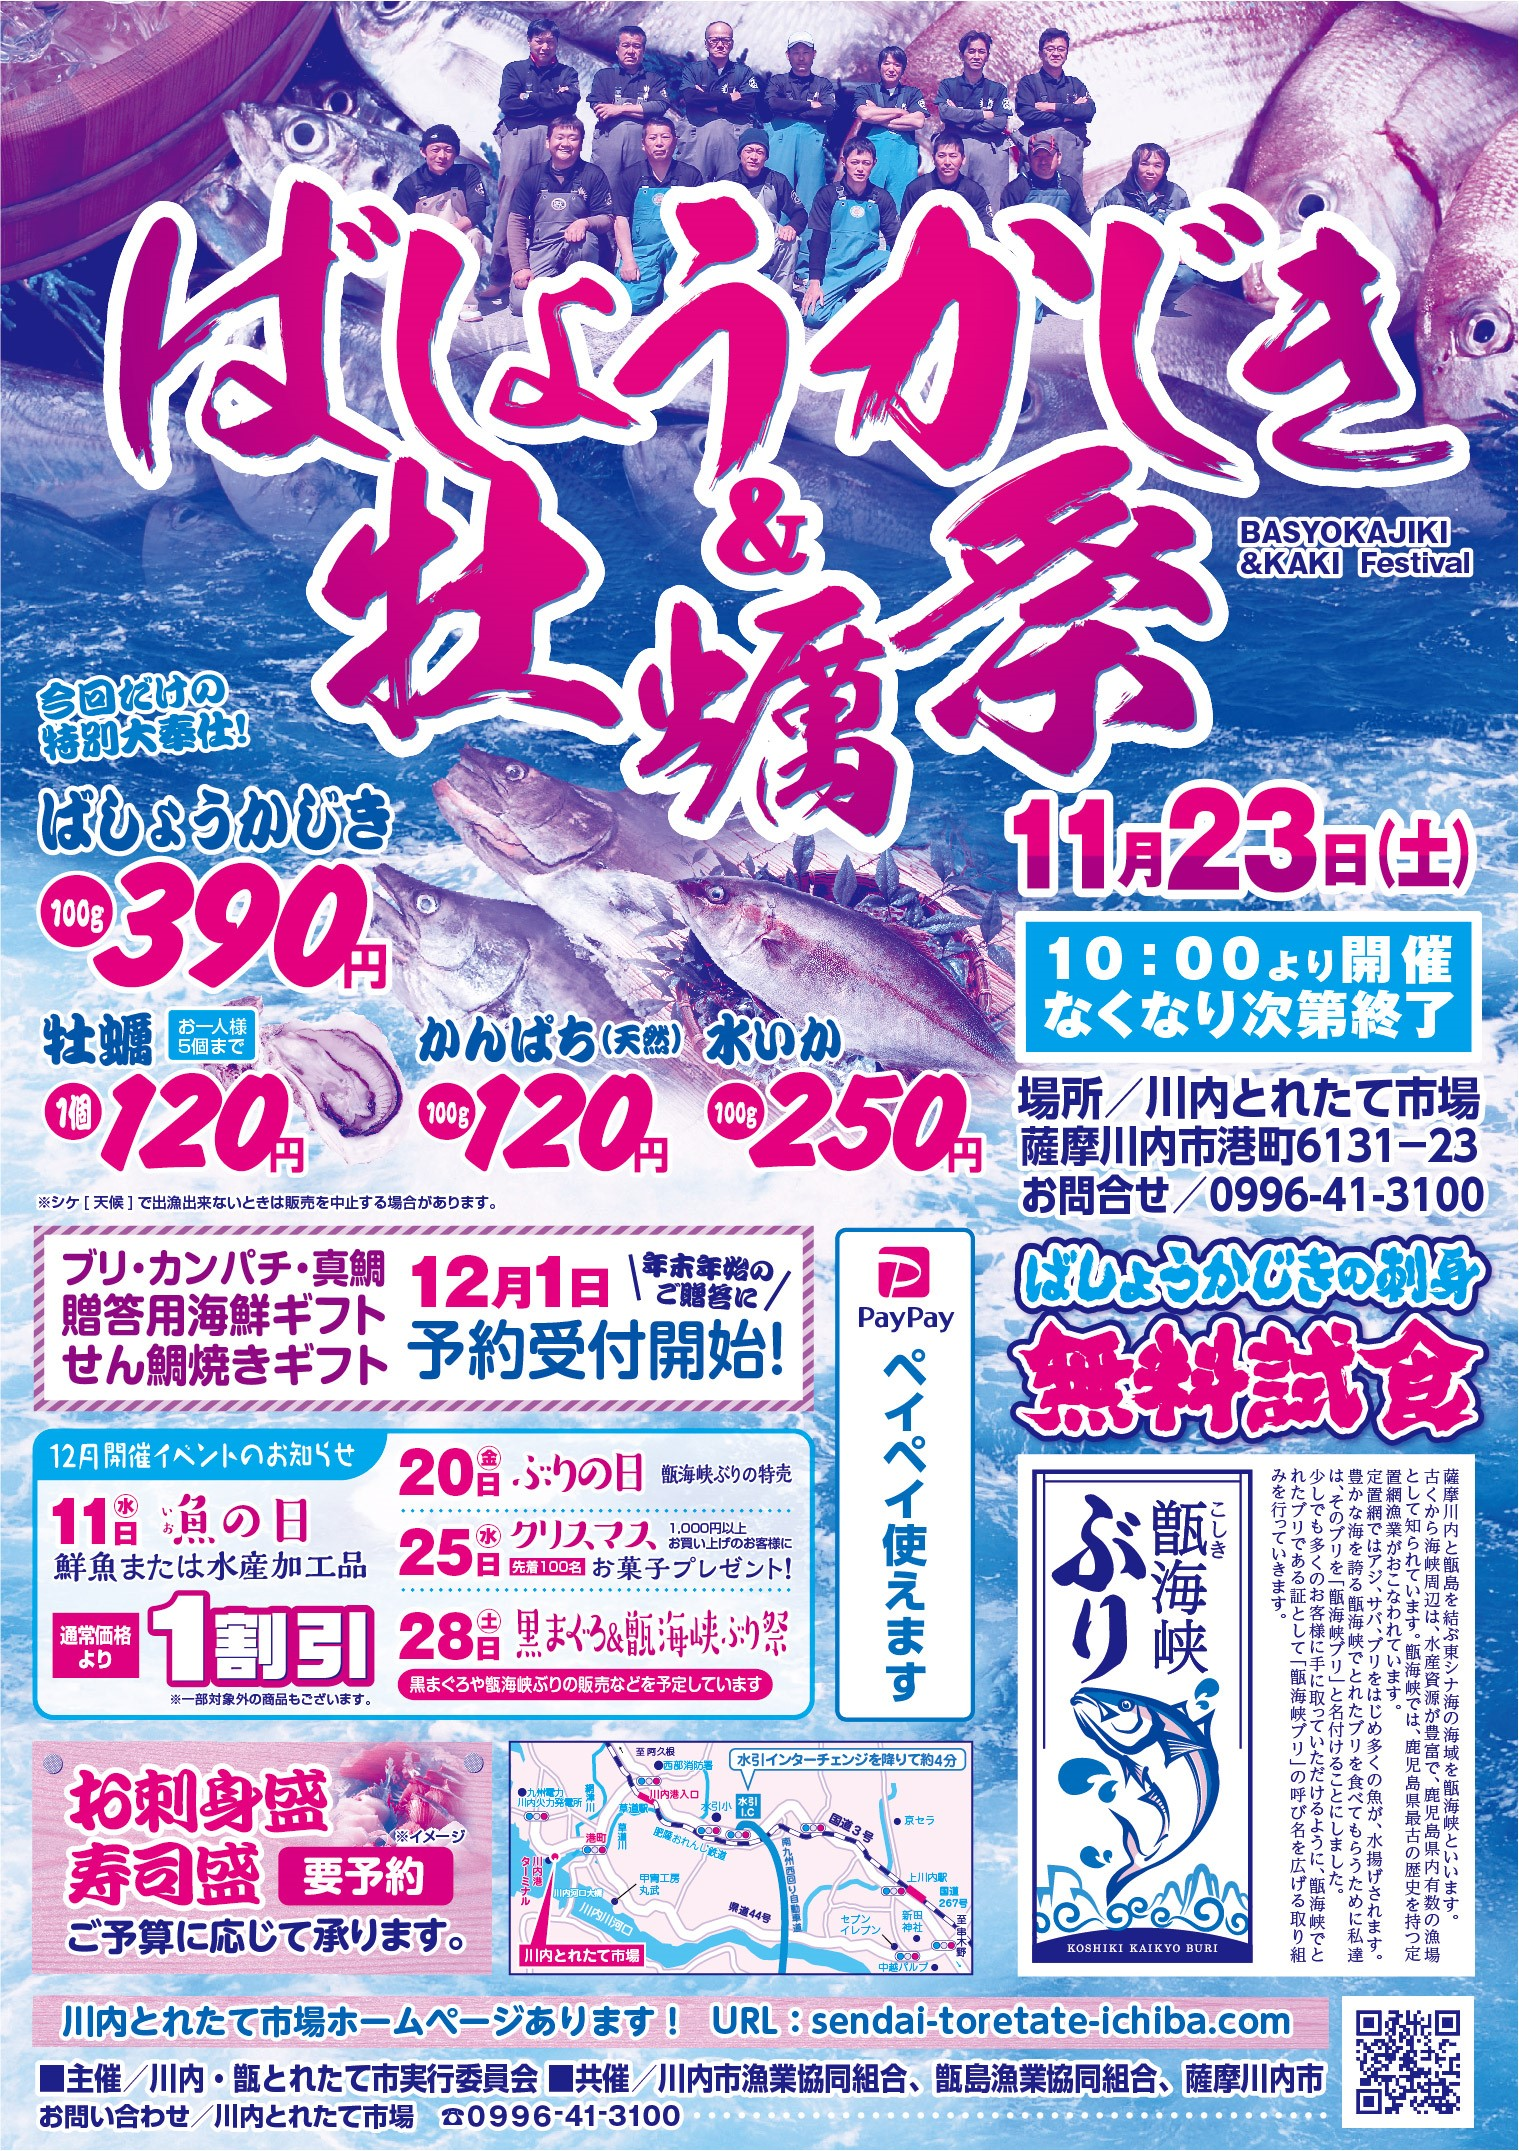 ばしょうかじき&牡蠣祭・12月の川内とれたて市場イベント情報